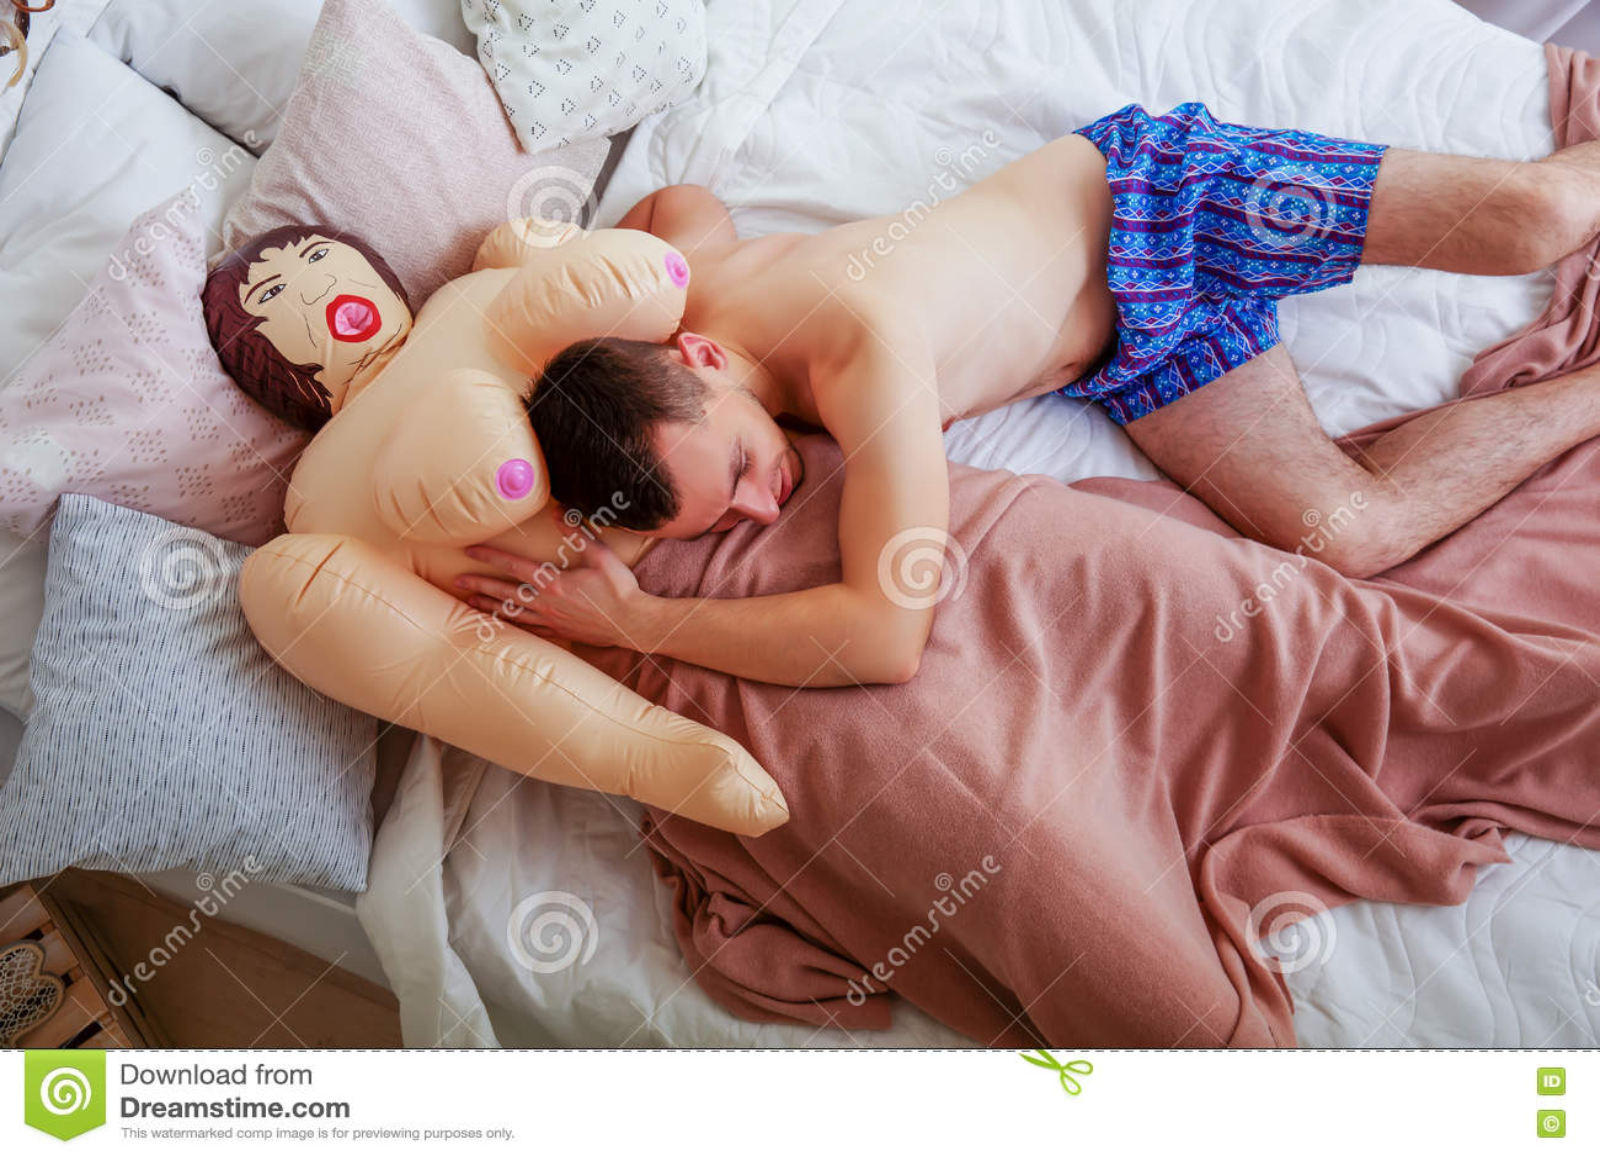 Foto A Letto.Uomo Sorridente Che Si Trova A Letto Con La Bambola Di Gomma